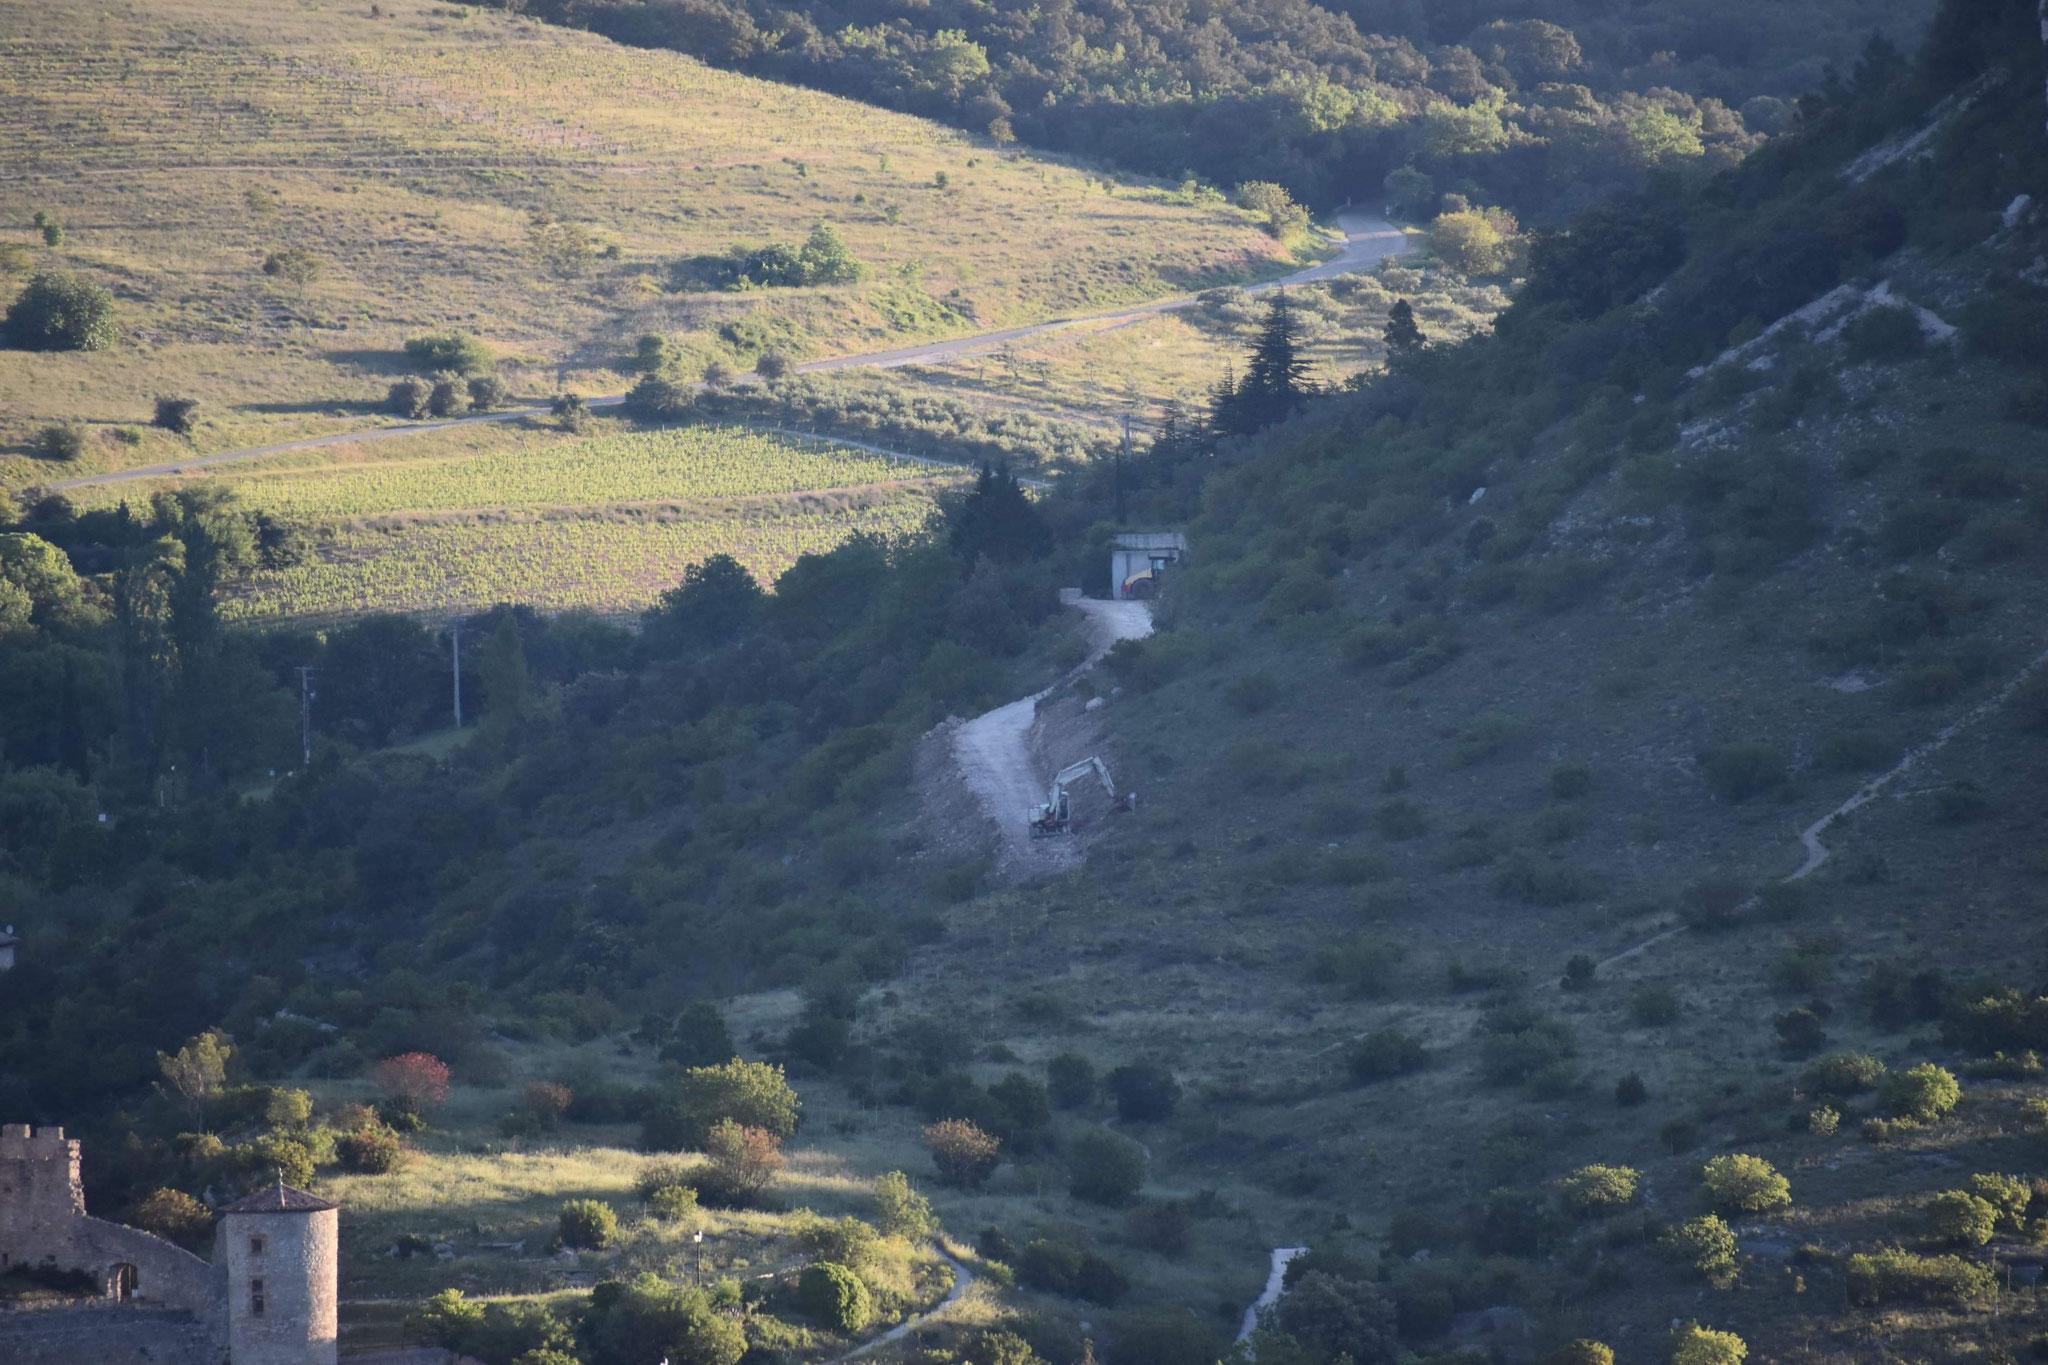 Communauté de communes du Grand Pic Saint Loup, Création chemin d'accès à Saint Jean de Buèges, Hérault